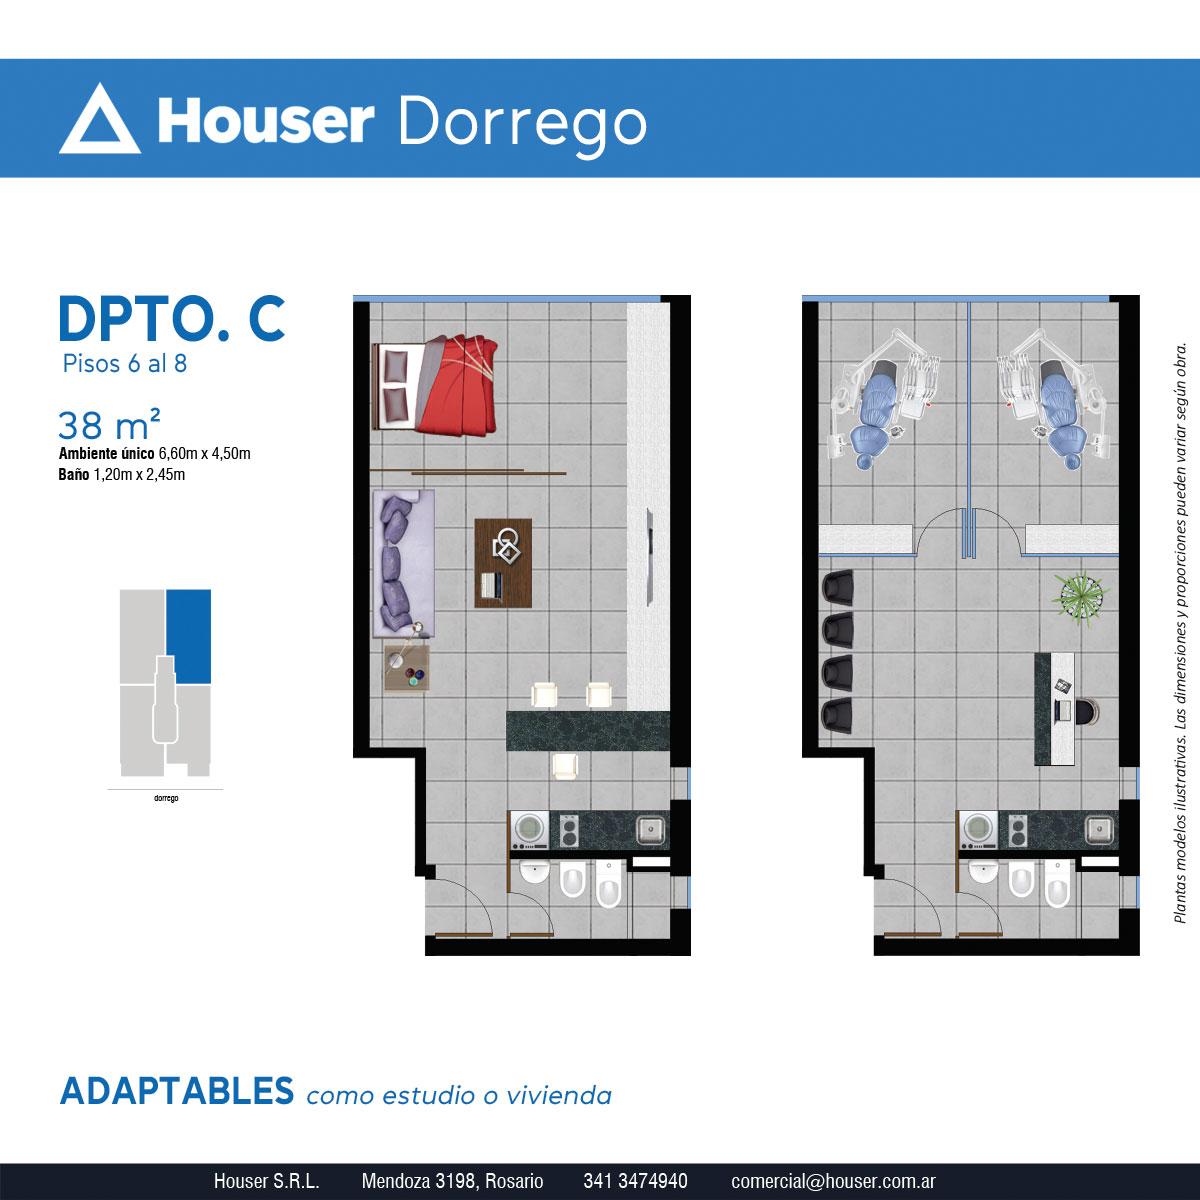 Plantas Houser Dorrego - Departamento C Pisos 5 a 8